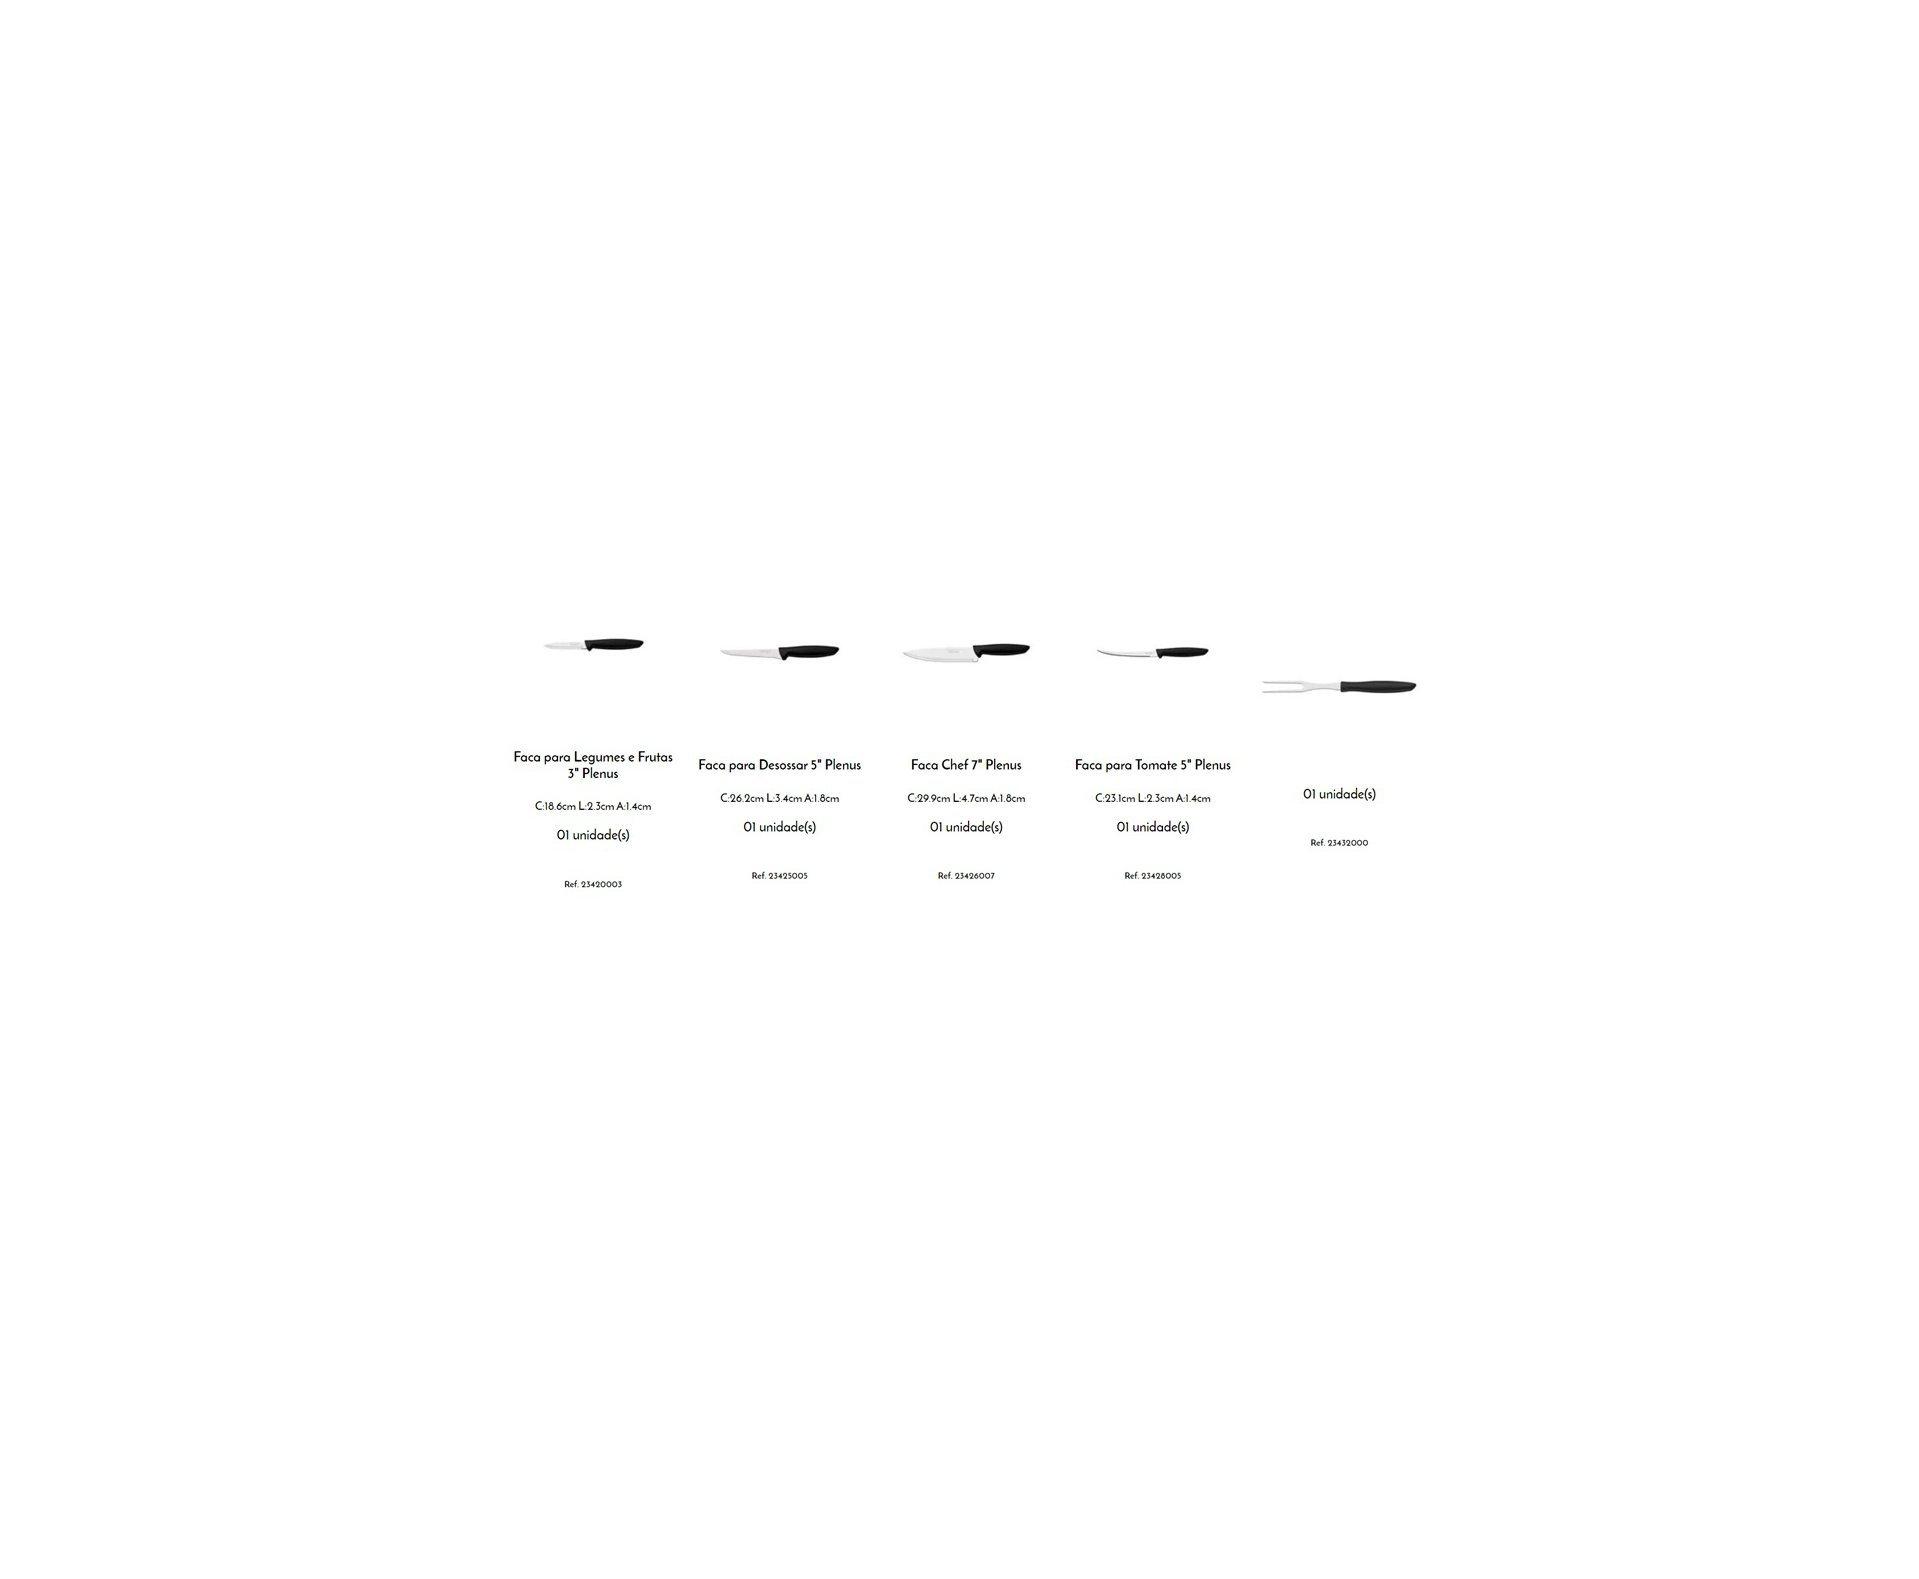 Jogo de Faca 6 Peças Plenus Preto - Sortidos C/ Laminas de Aço Inox e Cabo de Polipropileno - Tramontina